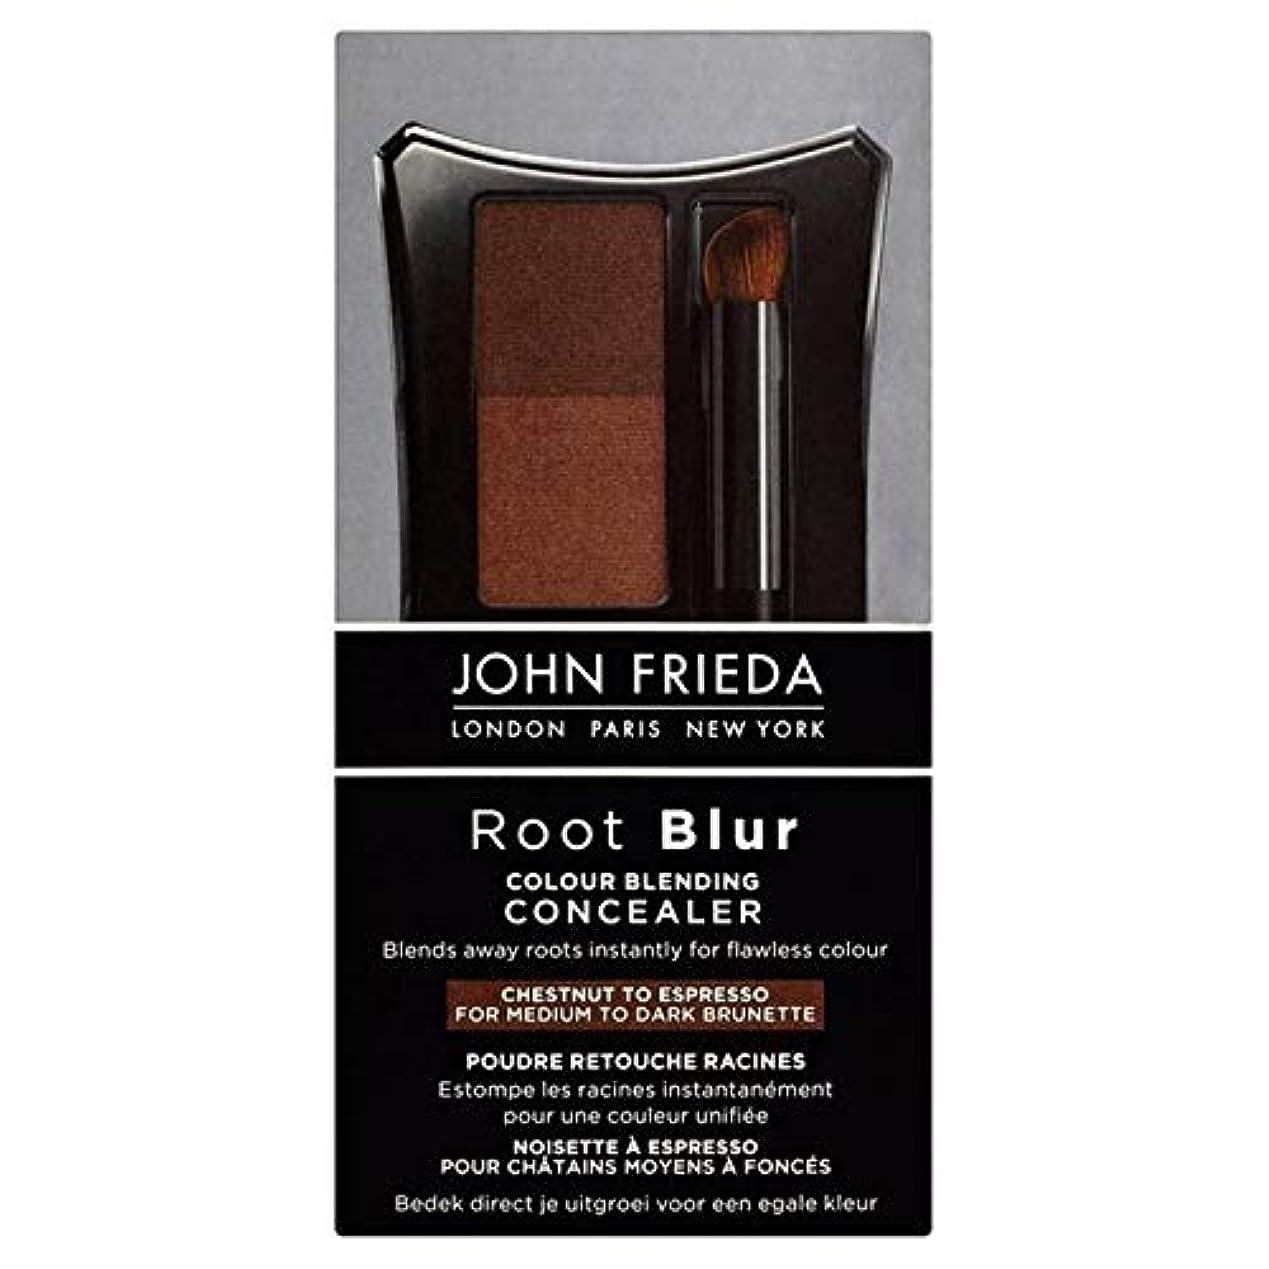 感じるダイジェストピッチャー[John Frieda ] 90グラムのエスプレッソするコンシーラー栗をブレンドジョン?フリーダルートぼかし色 - John Frieda Root Blur Colour Blending Concealer Chestnut...